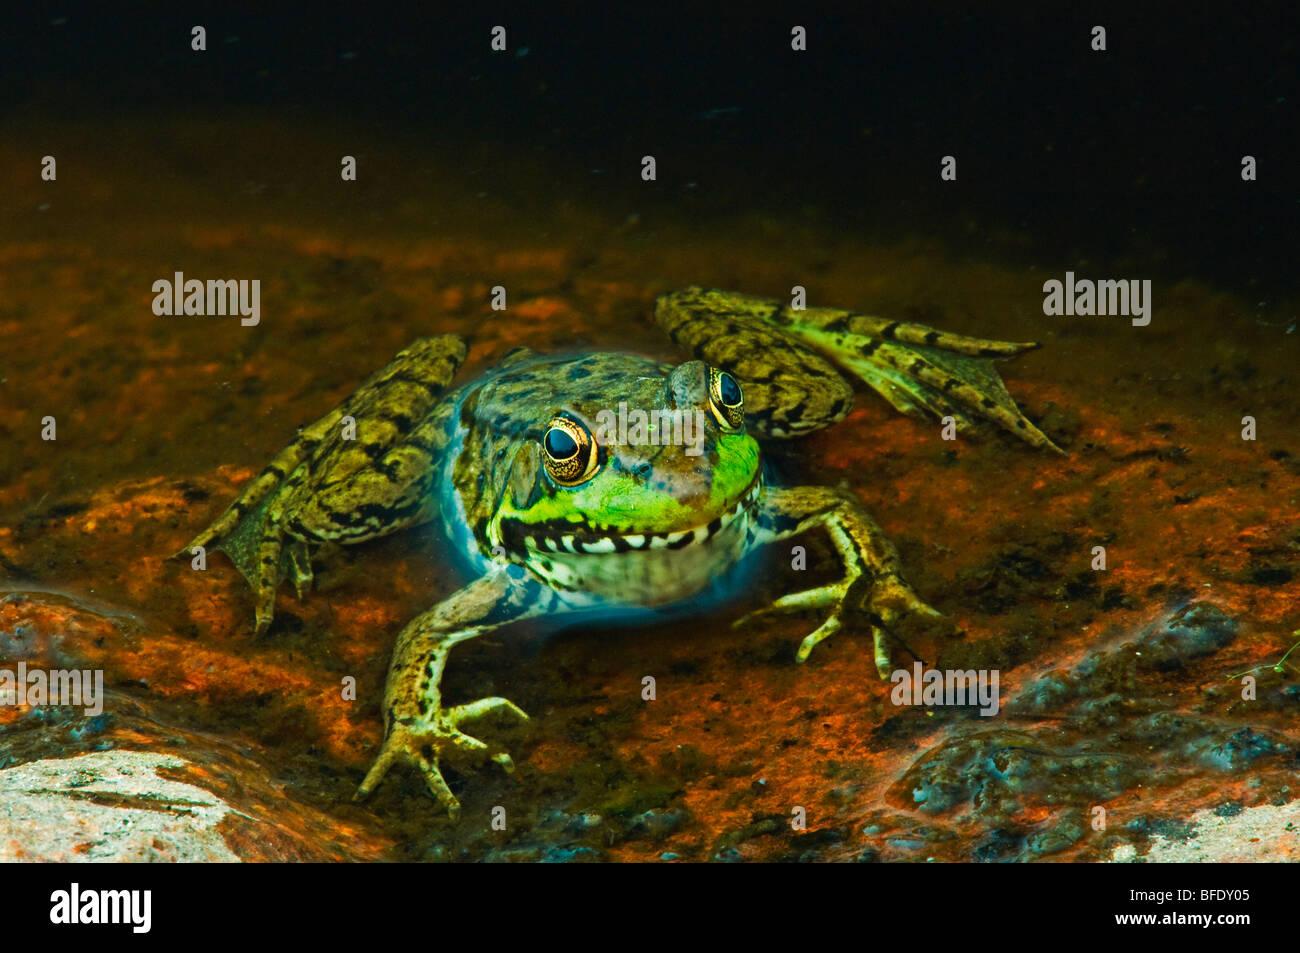 Close-up de rana verde (Rana clamitans) en el borde del estanque, Killarney Provincial Park, Ontario, Canadá Imagen De Stock